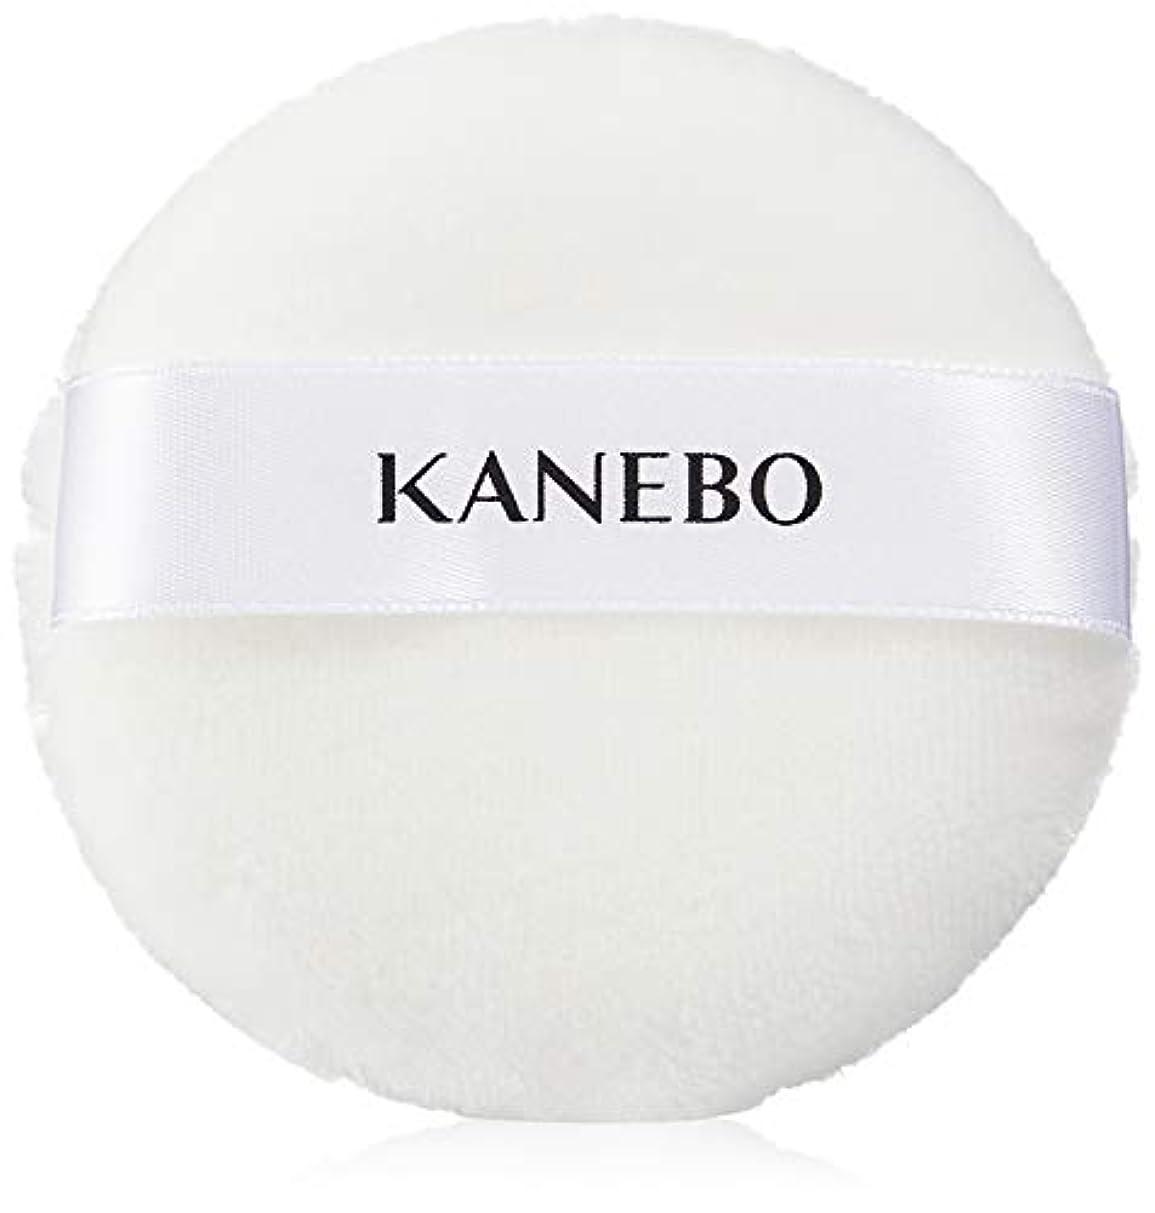 感謝紳士残酷なKANEBO(カネボウ) カネボウ フィニッシュパウダーパフ パフ(おしろい用)